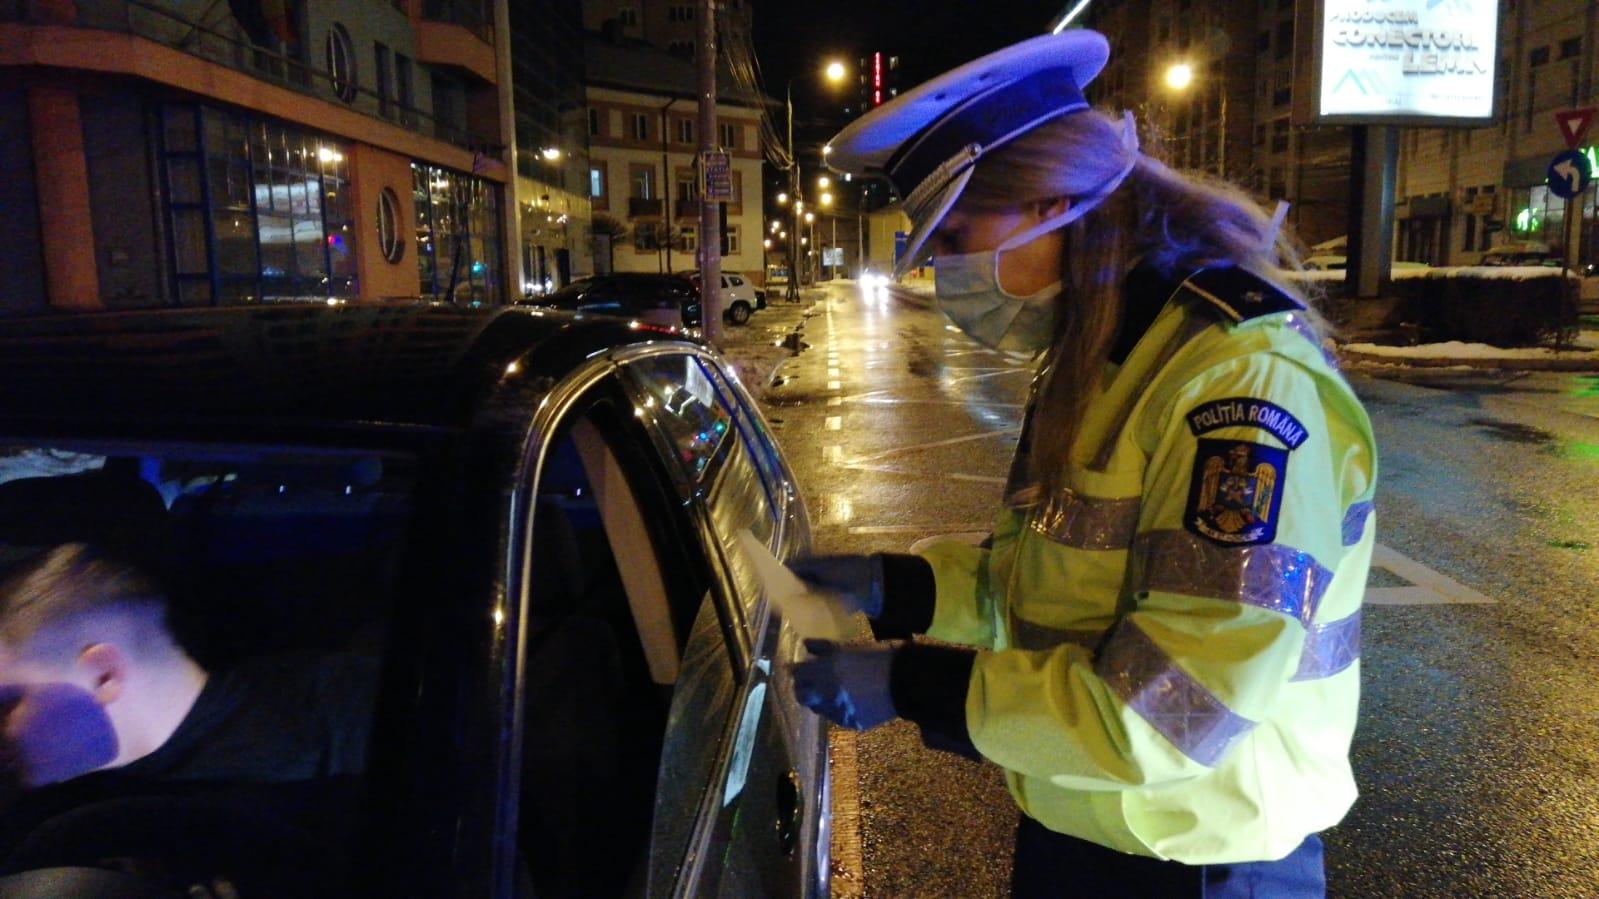 Băută și fără permis a ieșit la plimbare cu mașina prin oraș